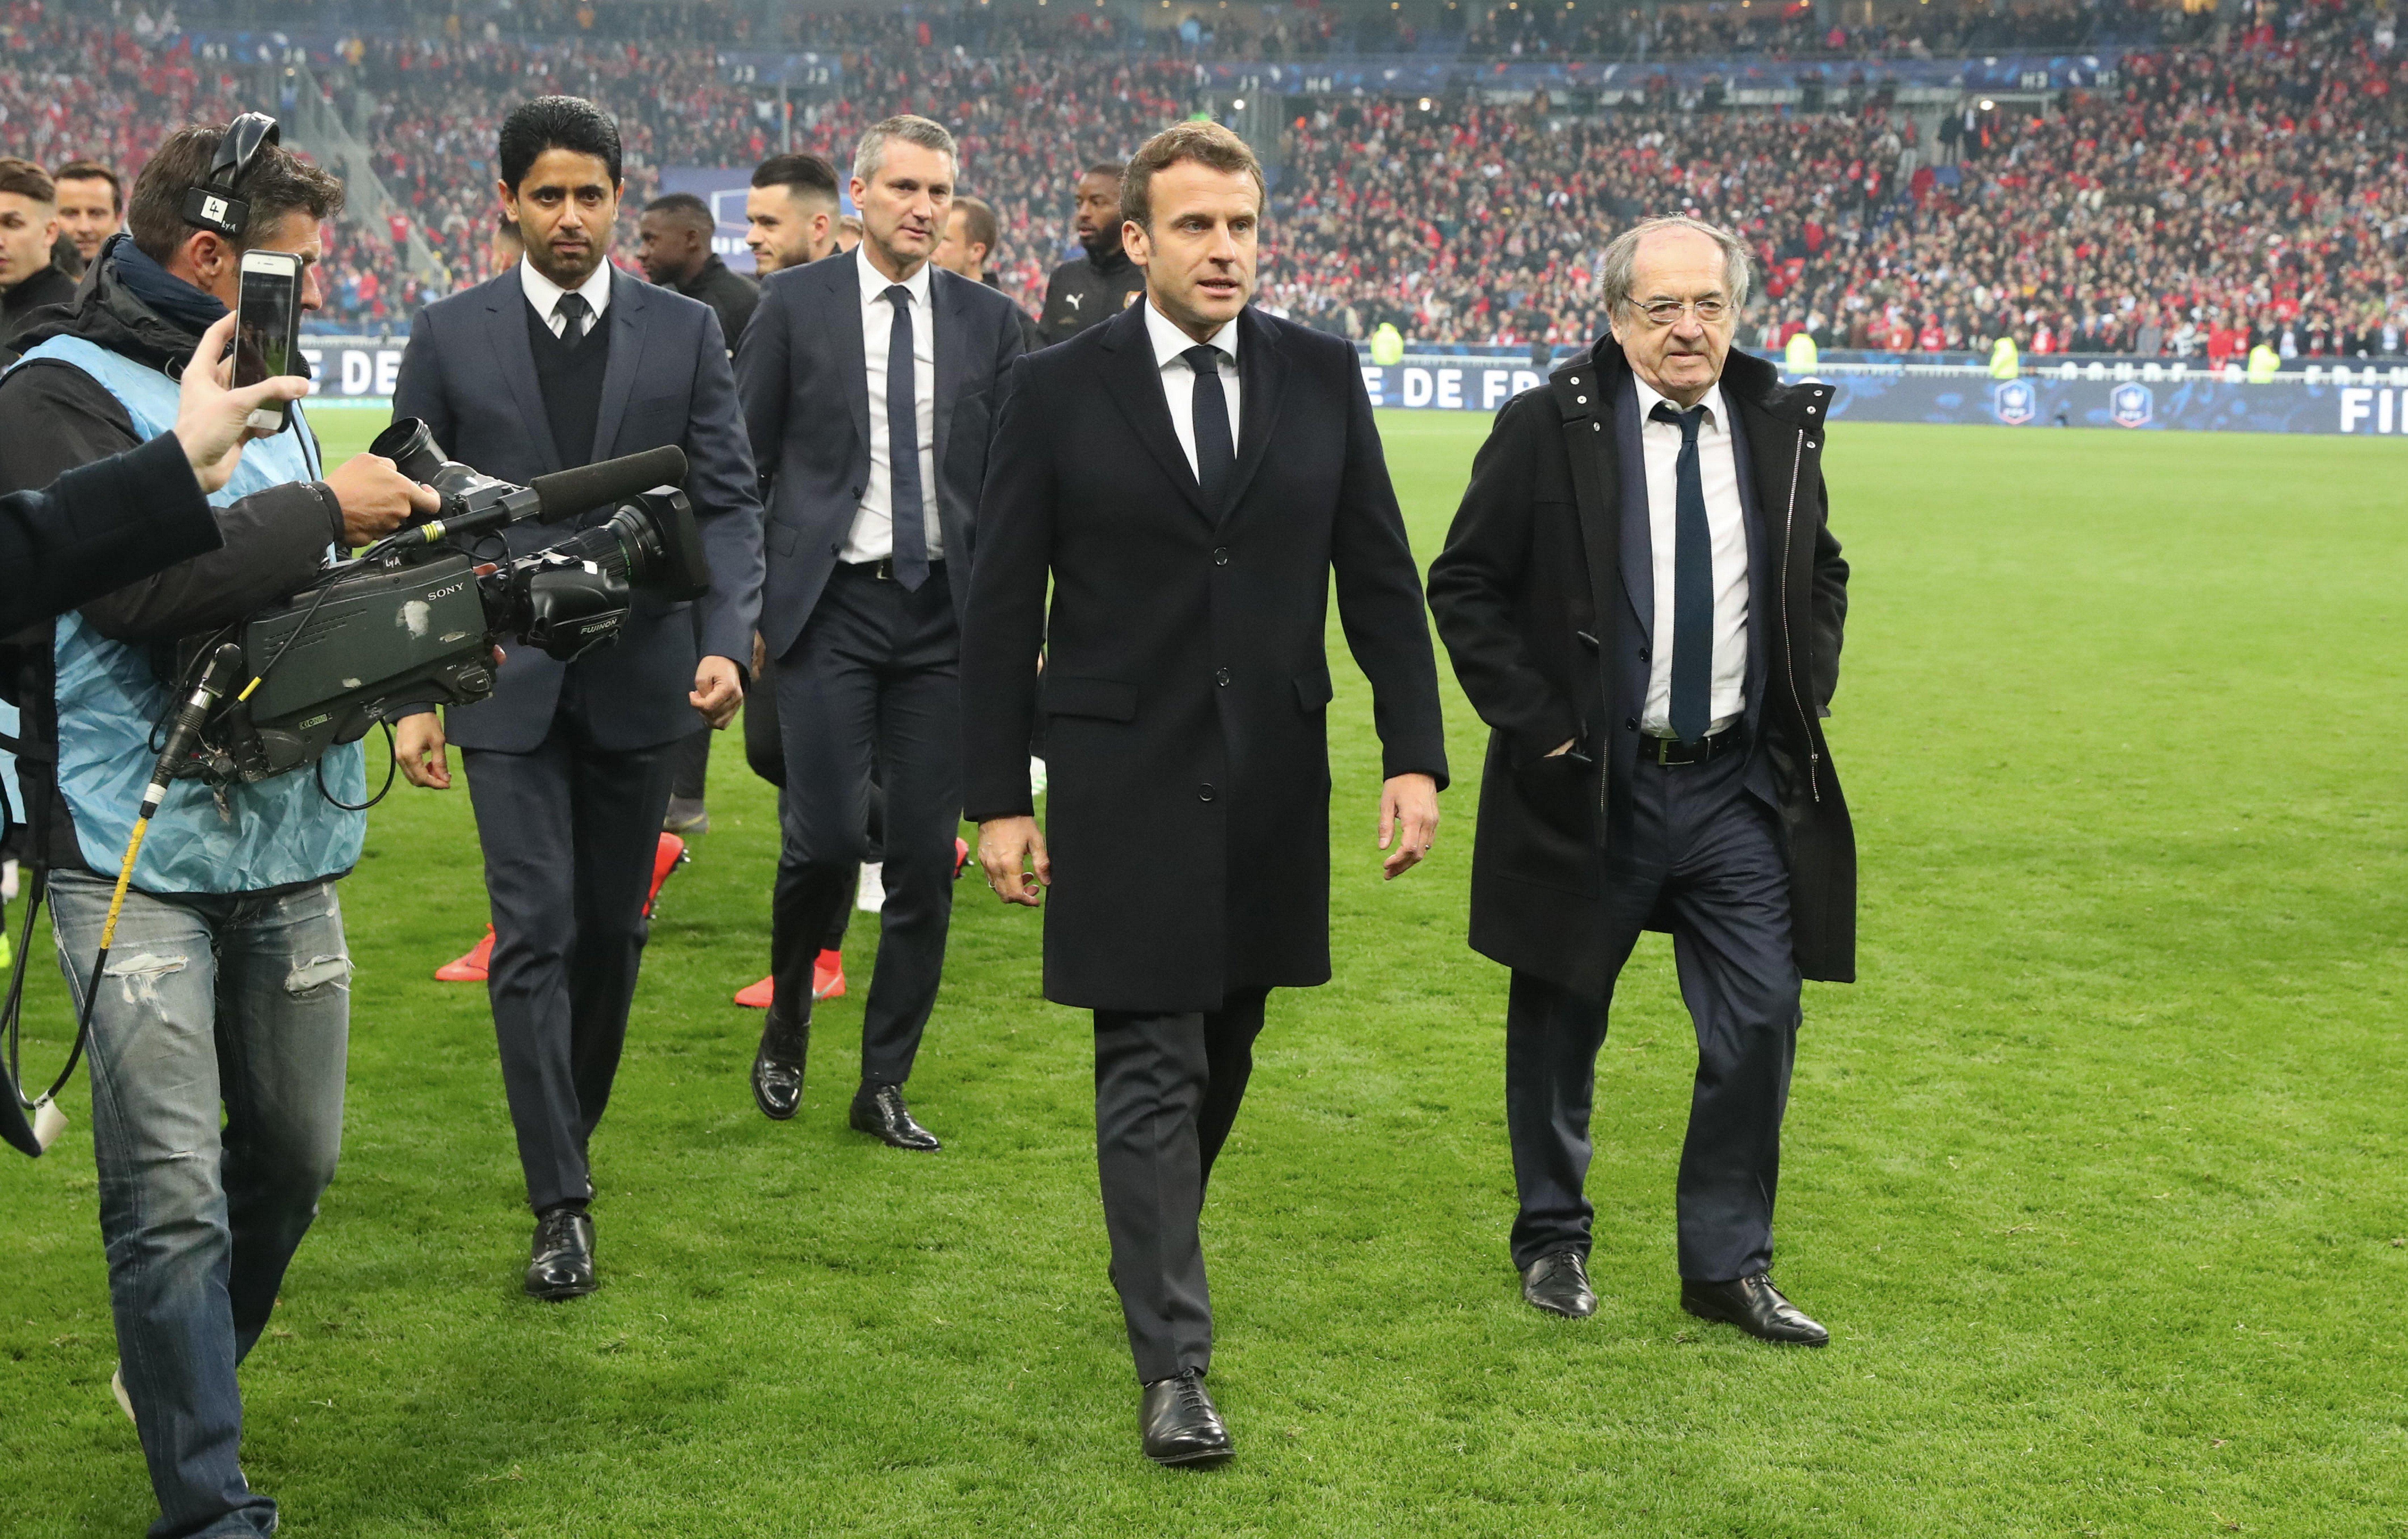 Emmanuel Macron à la fin de la Coupe de France. | Photo : Getty Images